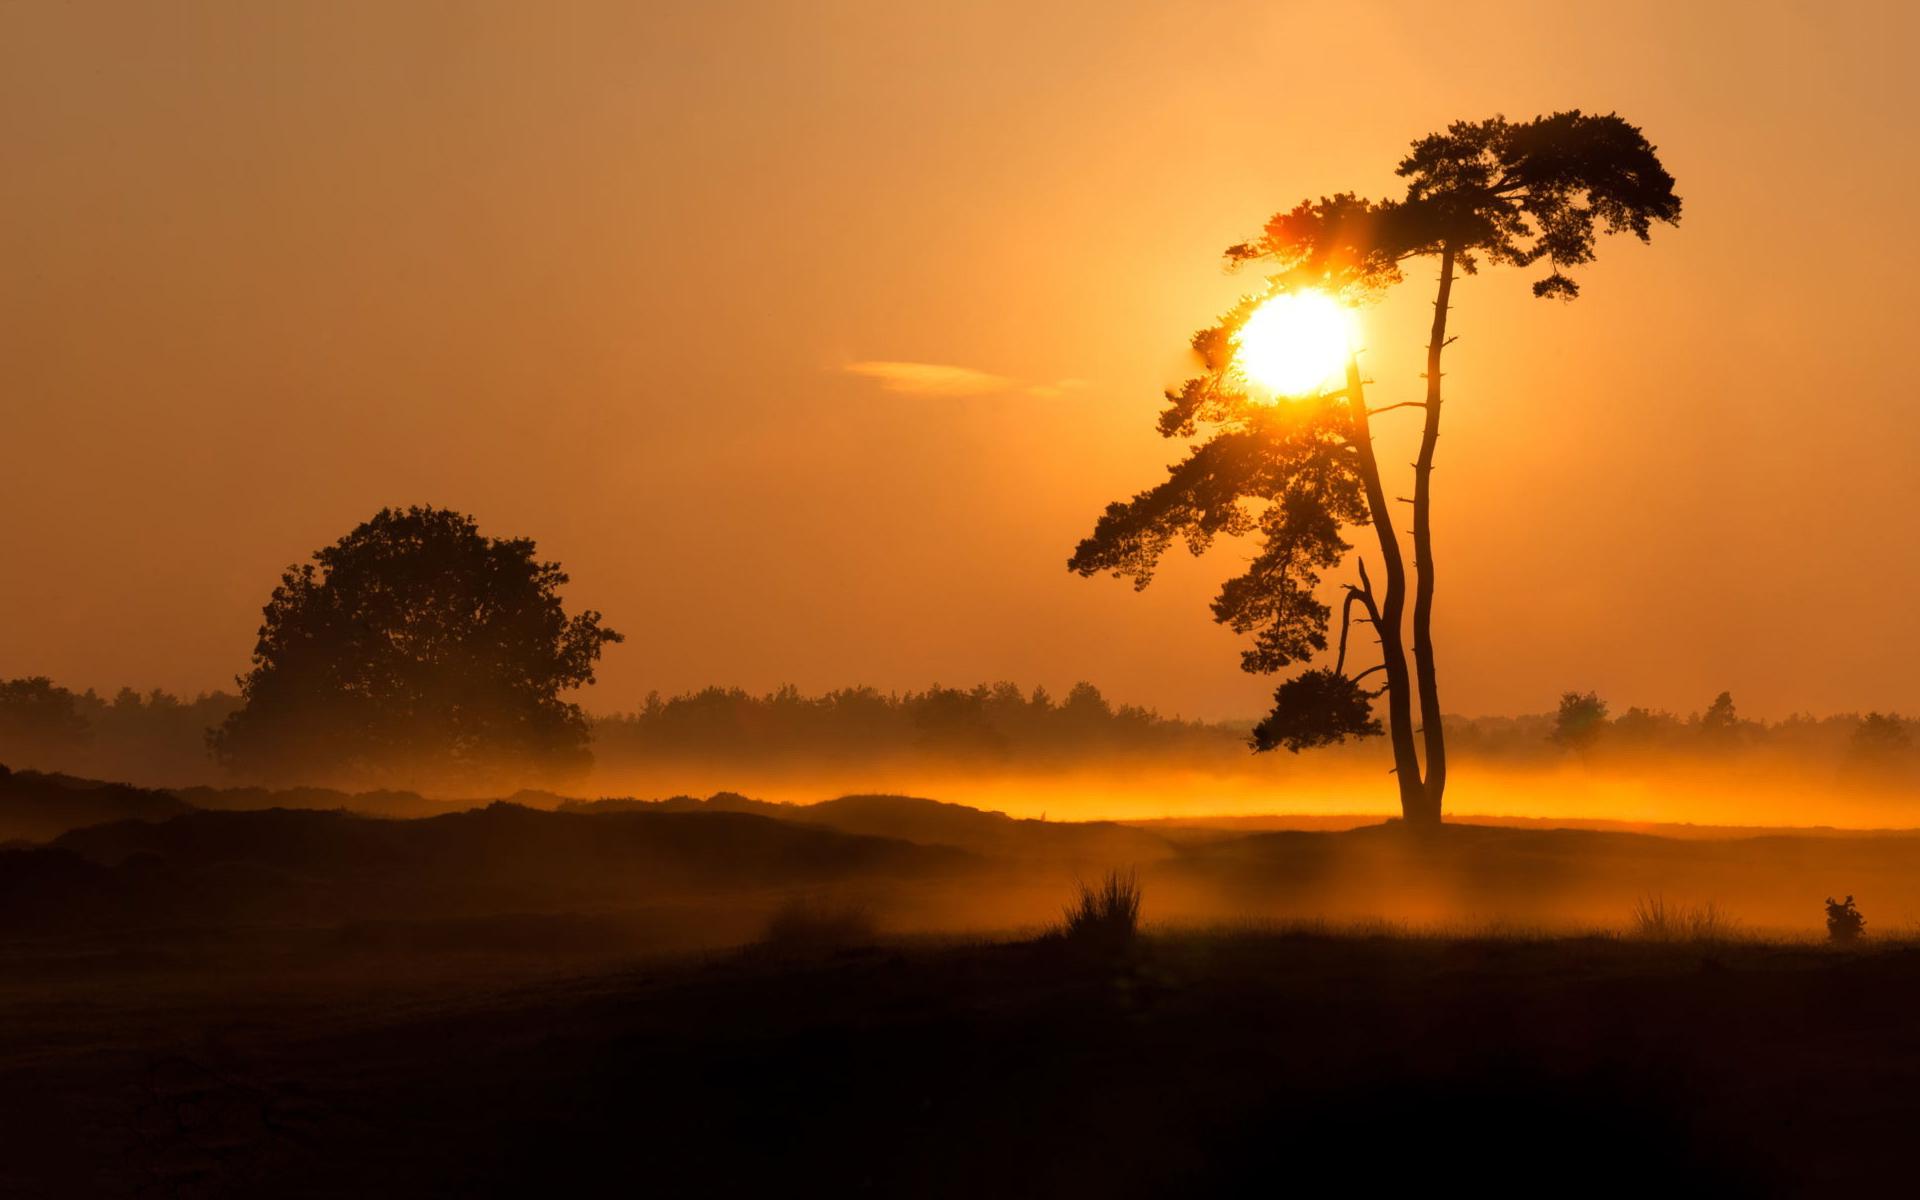 sunset images foggy